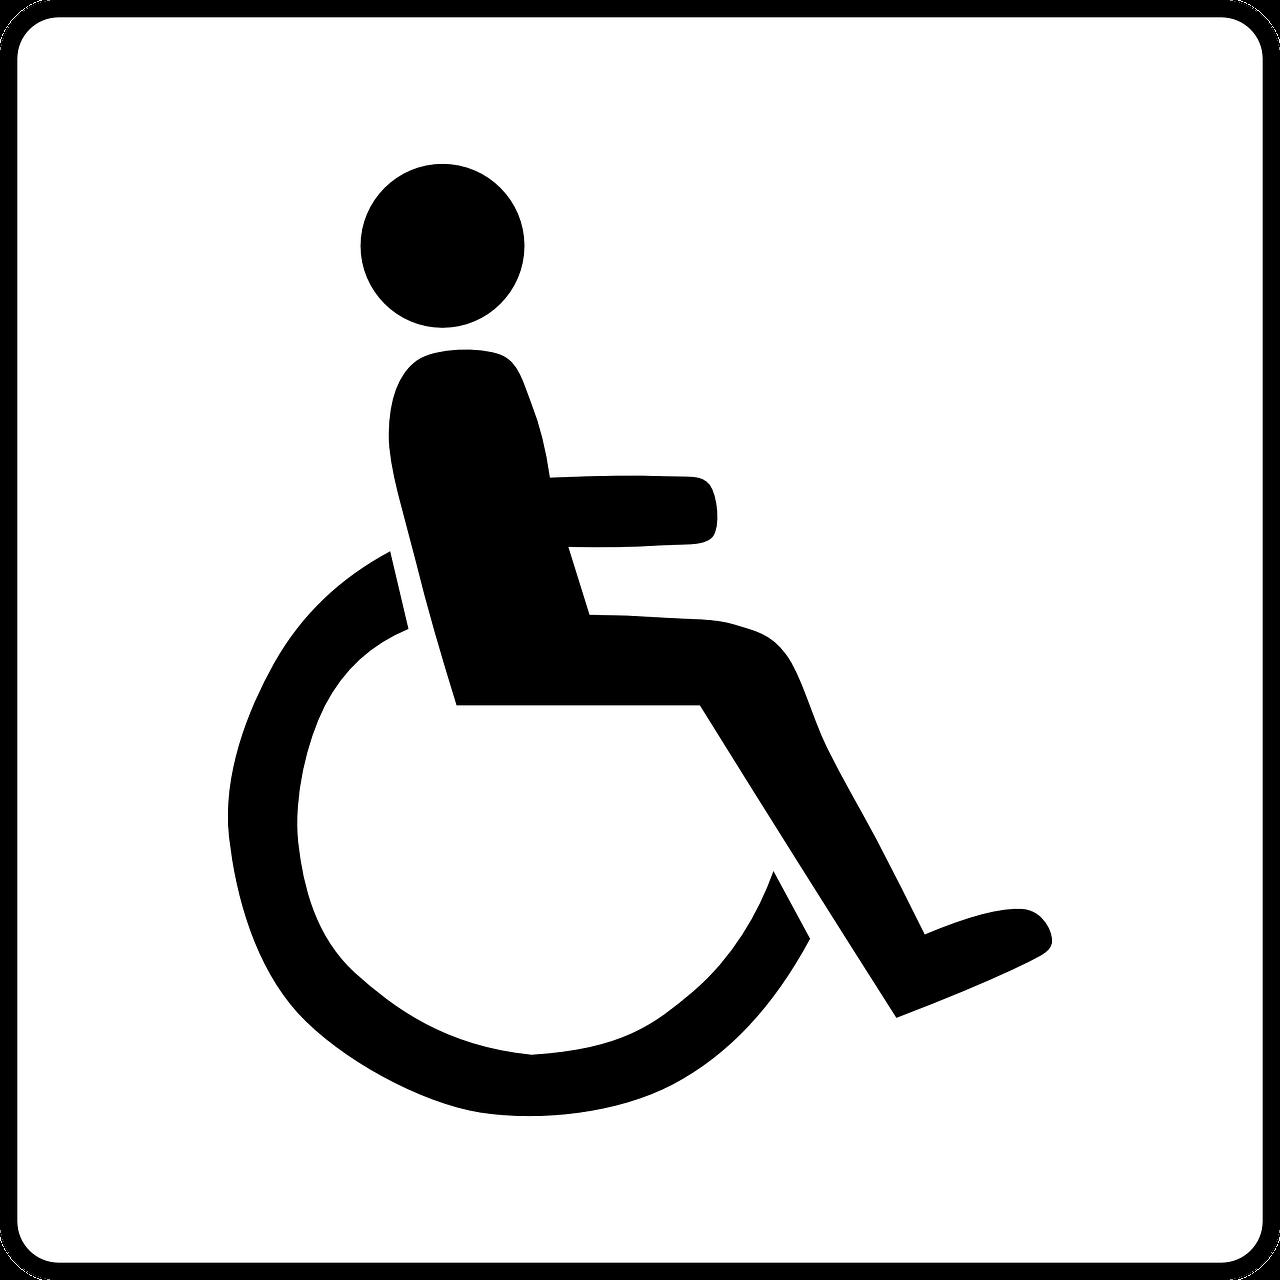 Nieuw Amstelrade Ondersteund Wonen Meijboom Ervaren instelling gehandicaptenzorg verstandelijk gehandicapten